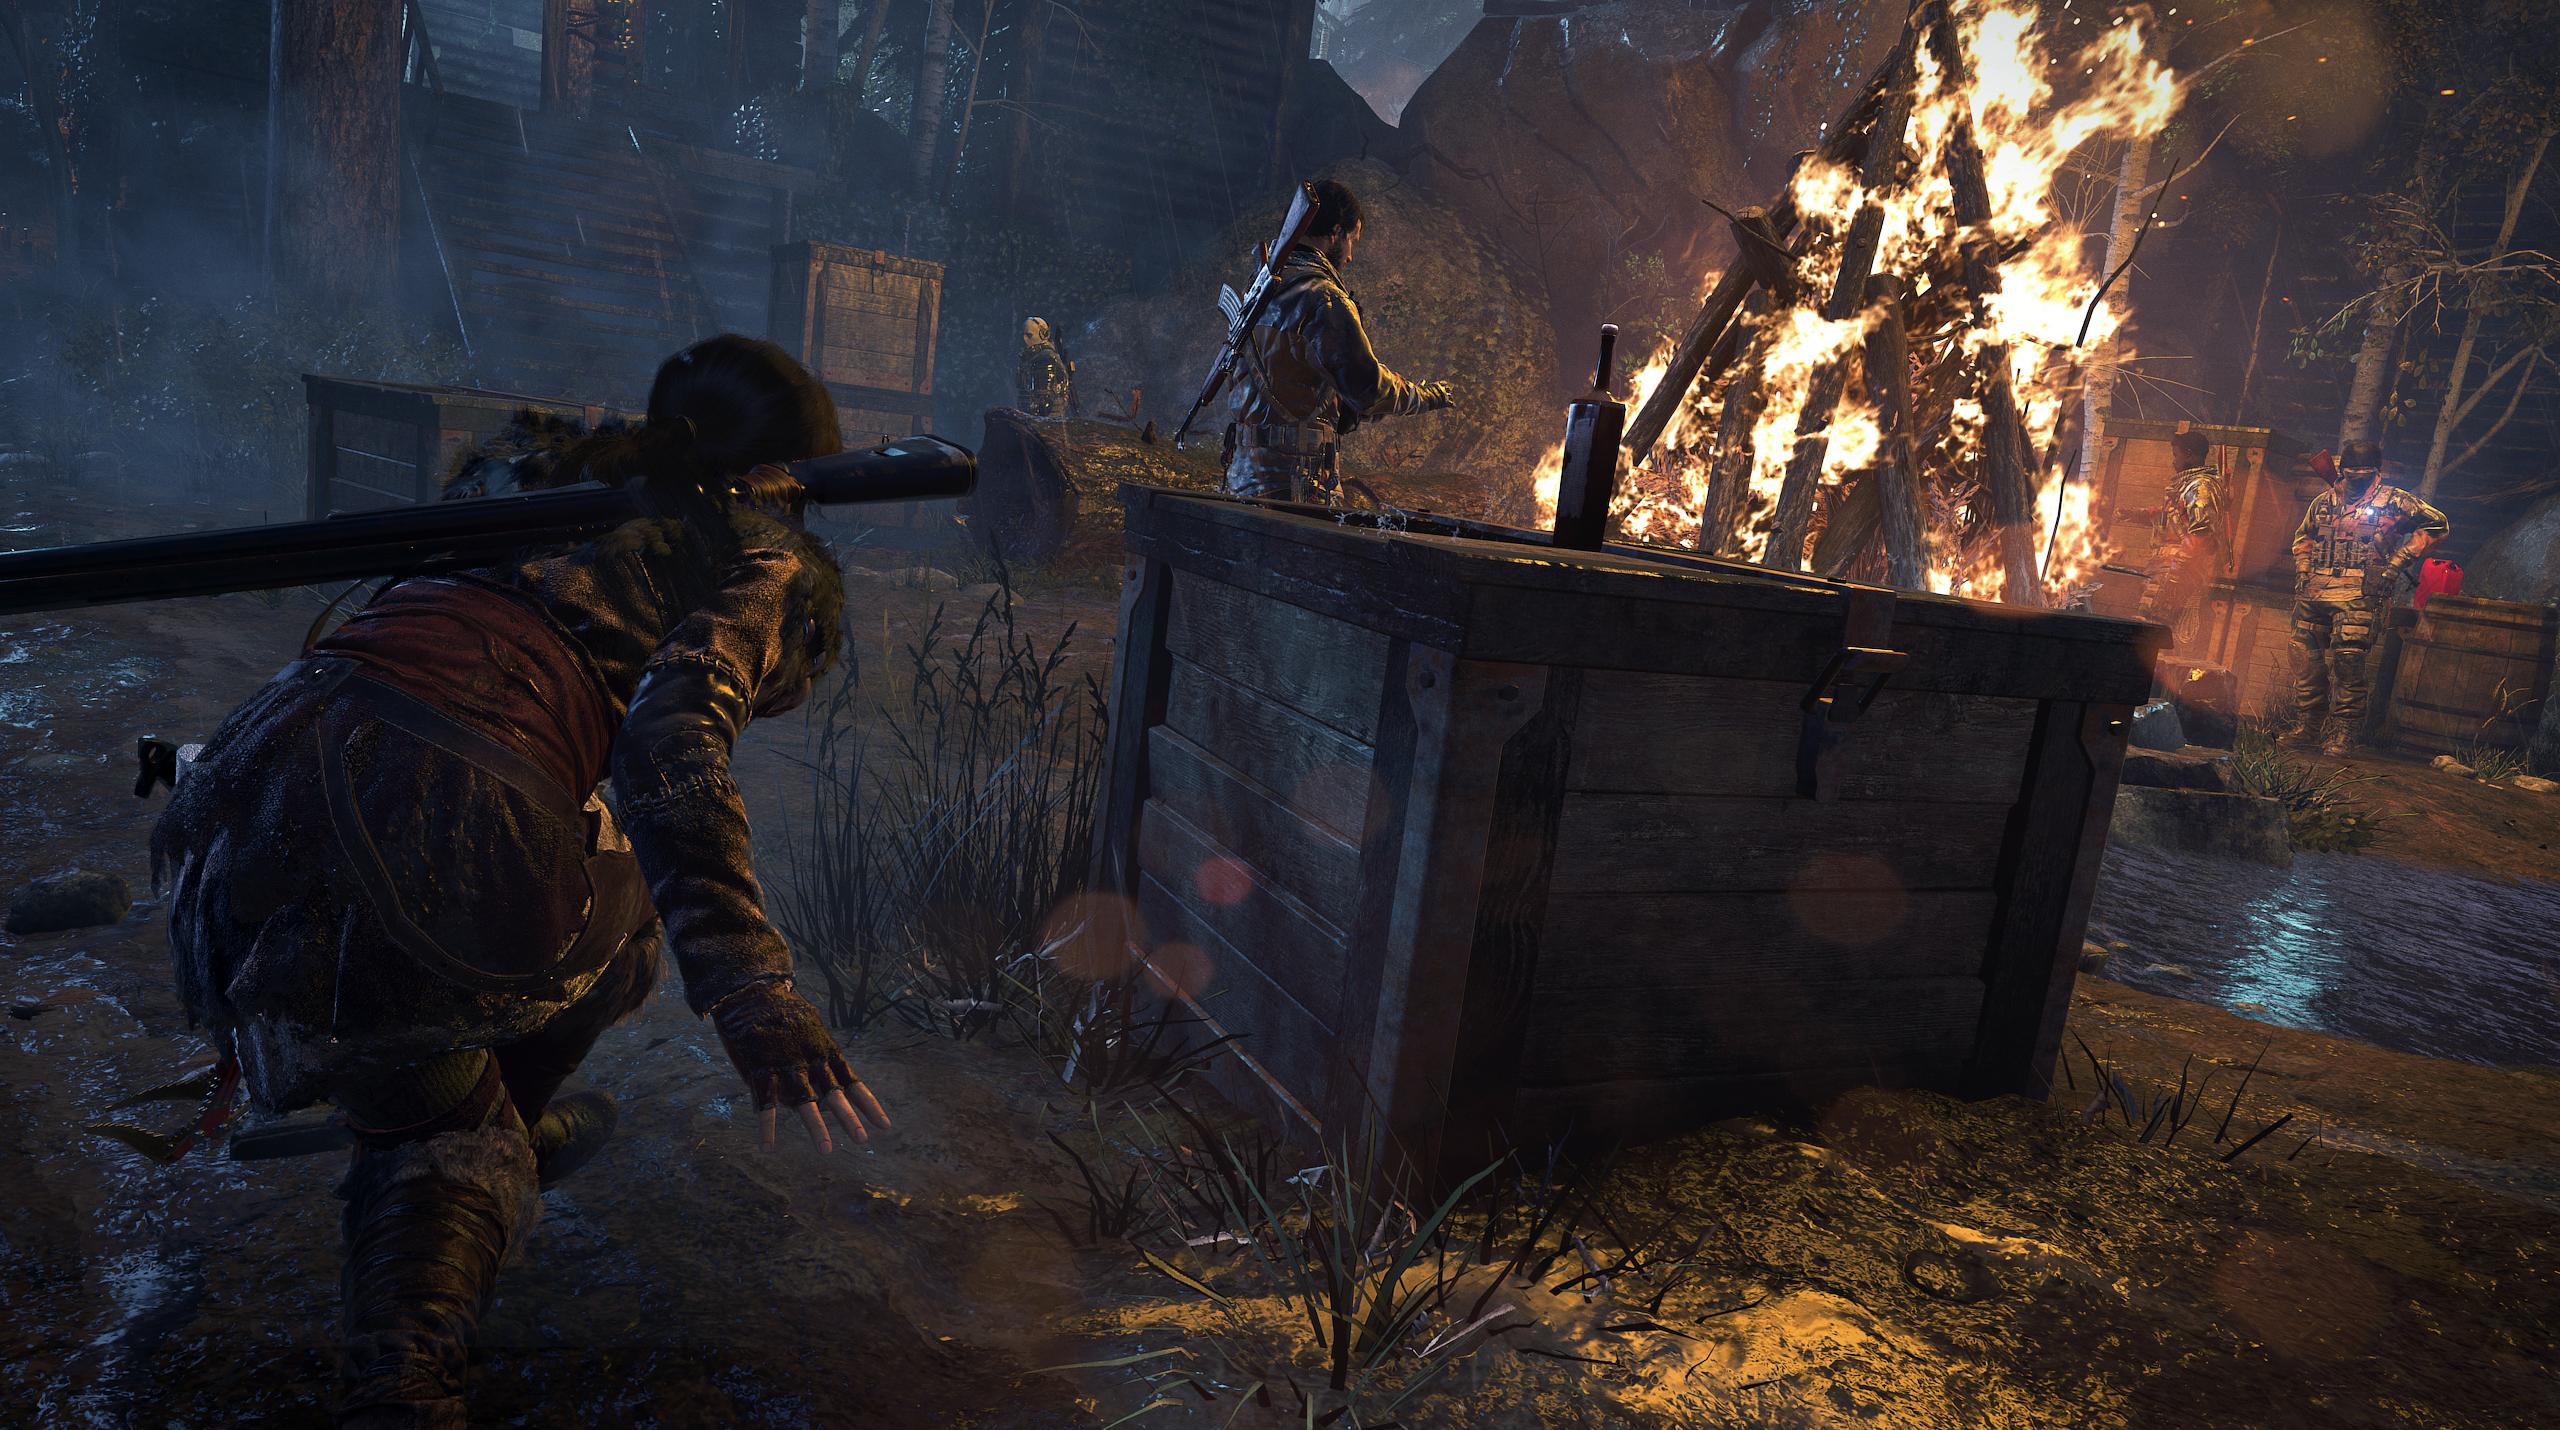 Obrázky z Rise of the Tomb Raider před vydáním PS4 verze 131620